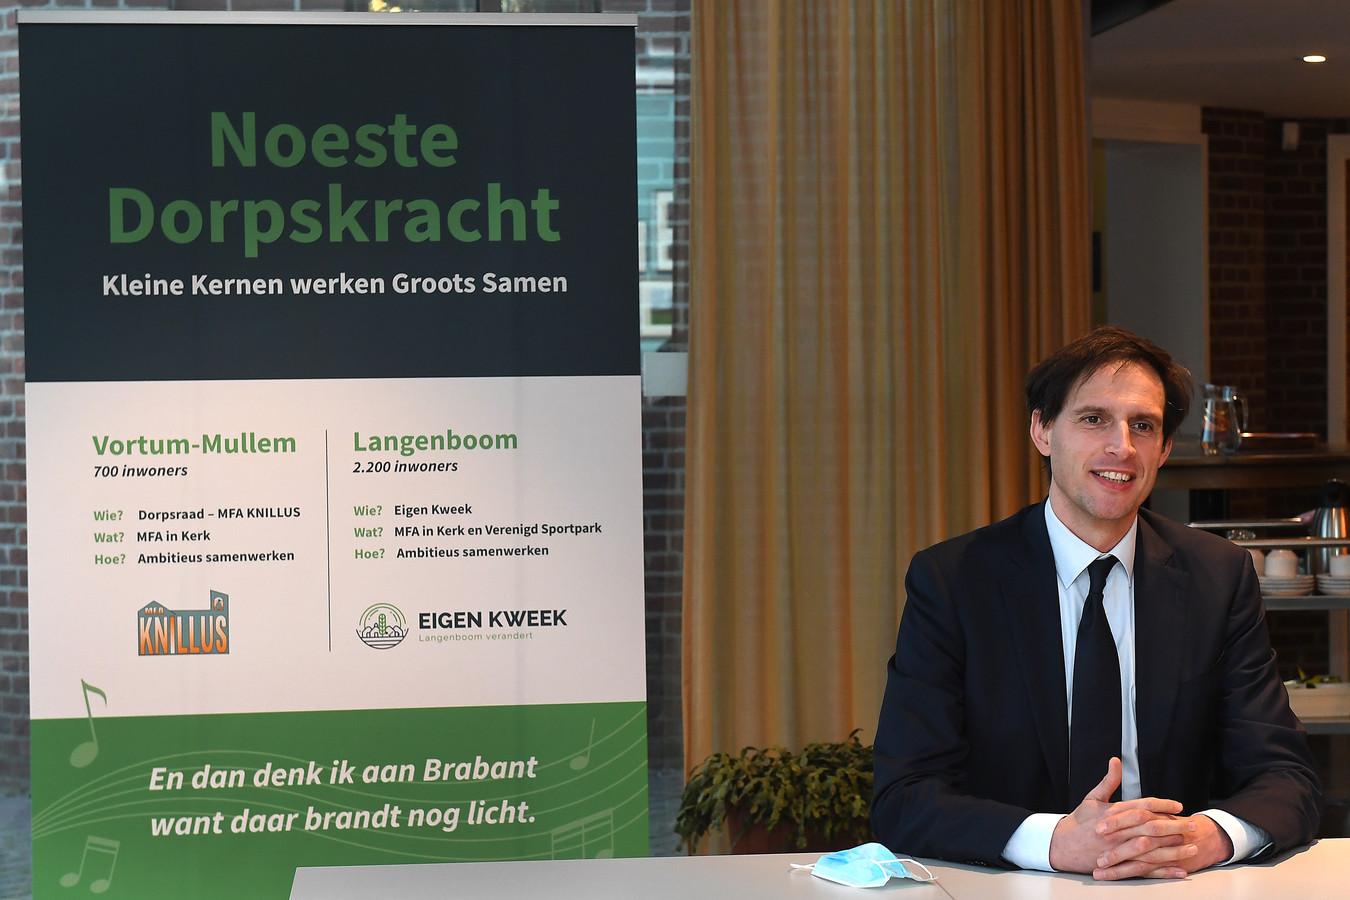 CDA-lijsttrekker Wopke Hoekstra op campagne voor de verkeizingen, recent bezocht hij Vortum-Mullem.   Foto: Ed van Alem